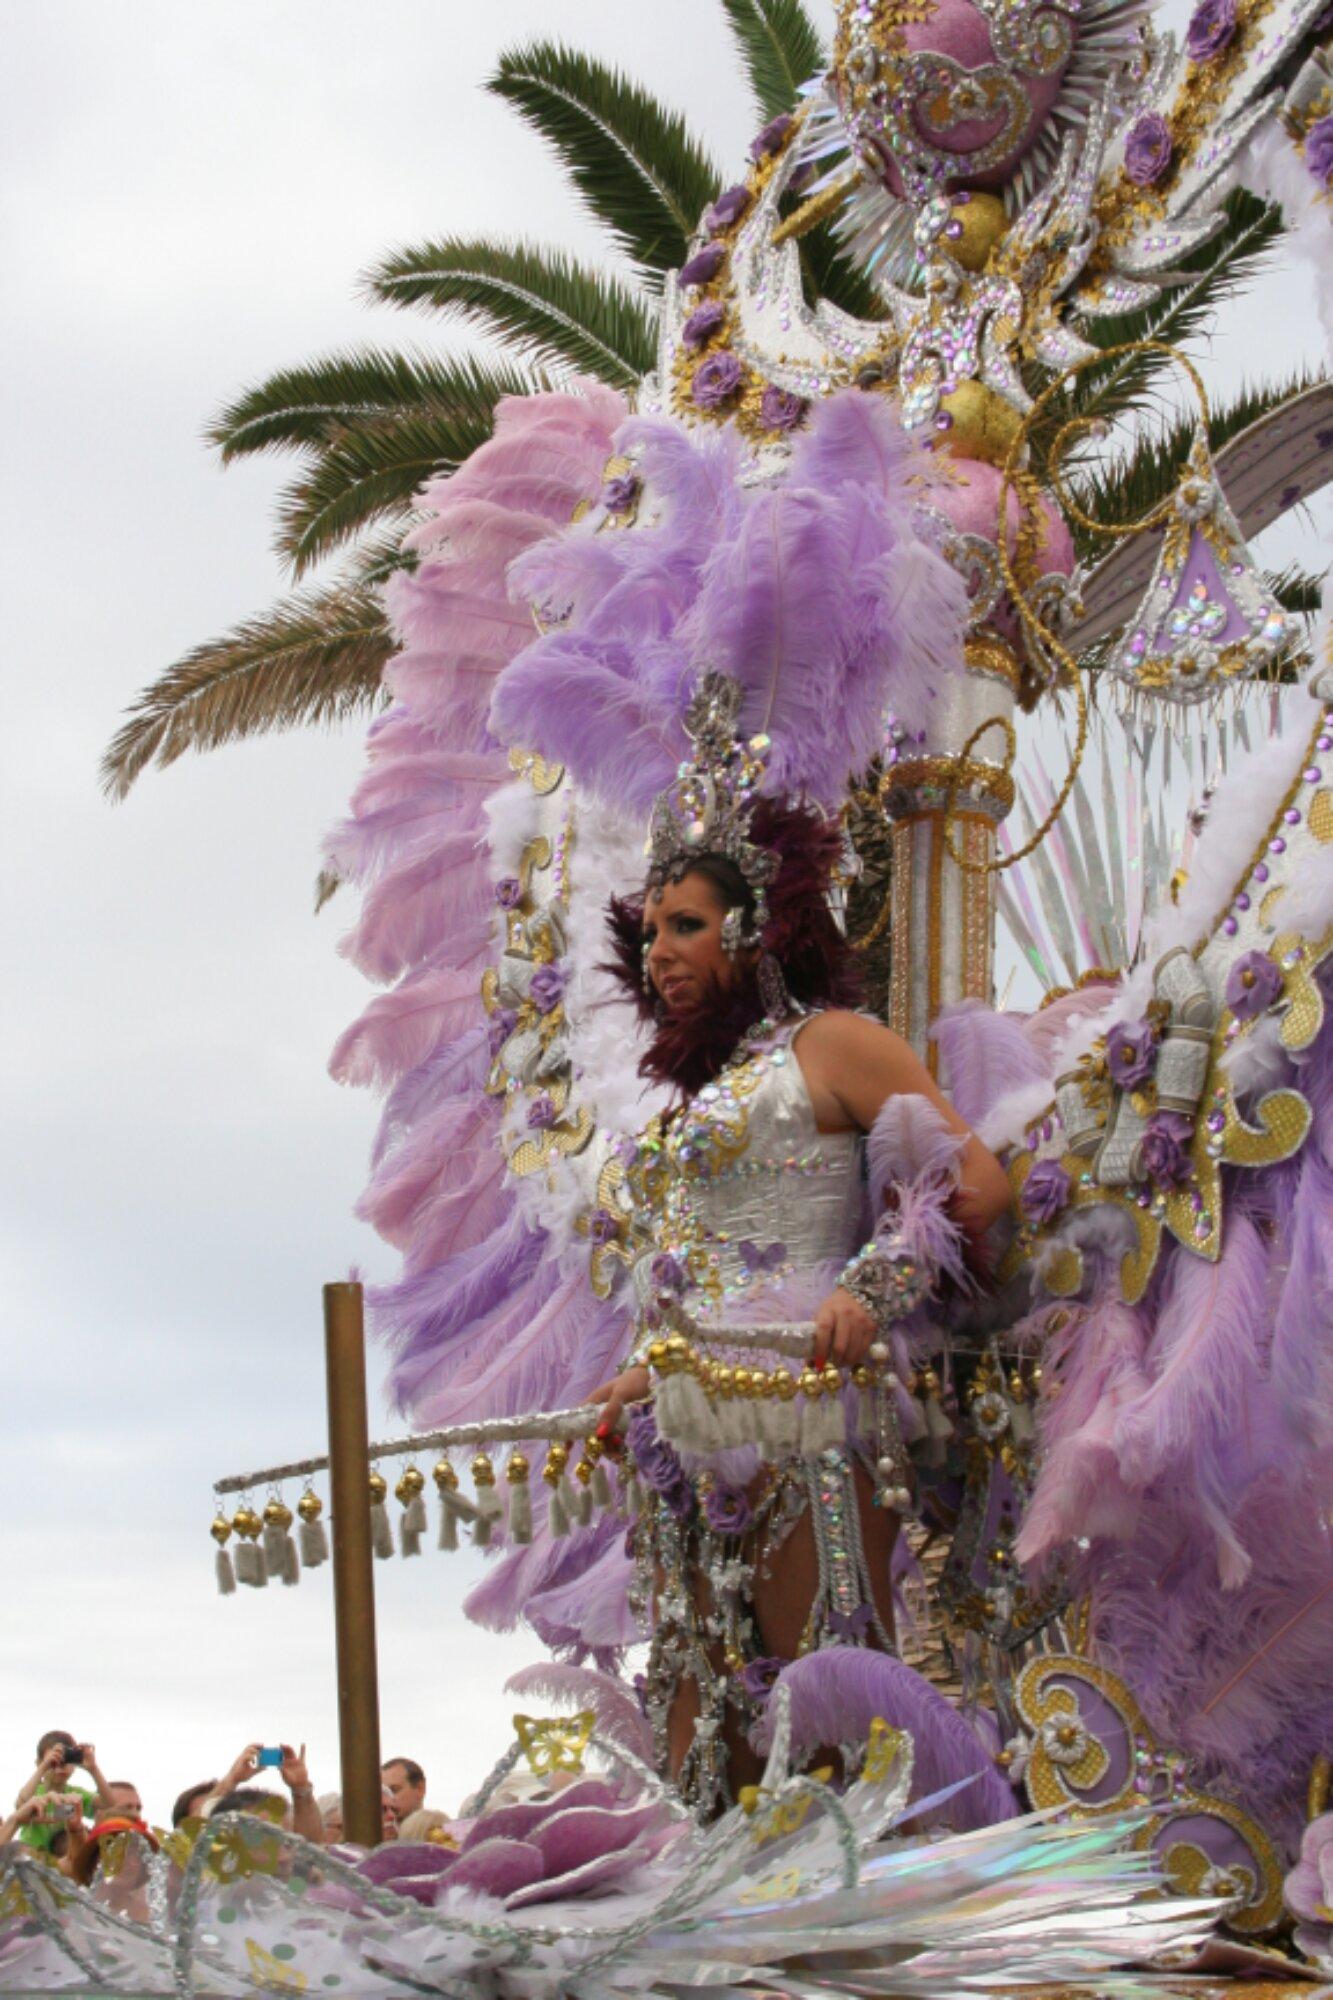 On the road: carnival parade in Puerto de la Cruz